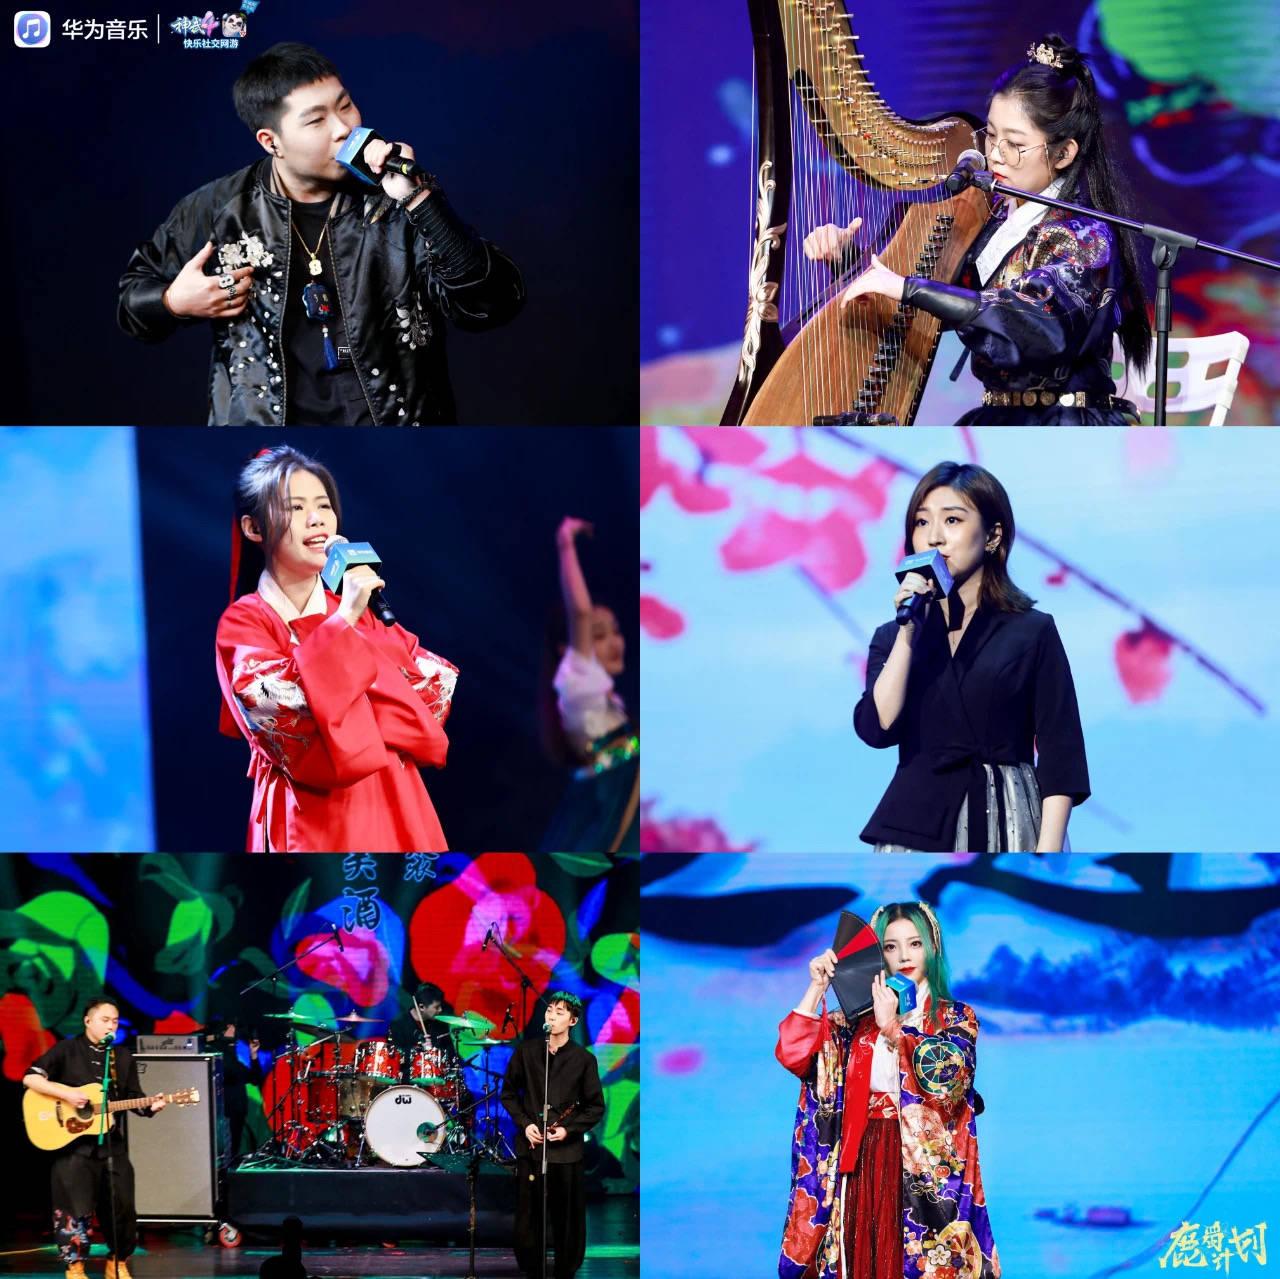 高德平台指定注册鹿蜀计划背后,华为音乐如何打好国风文化这张牌?